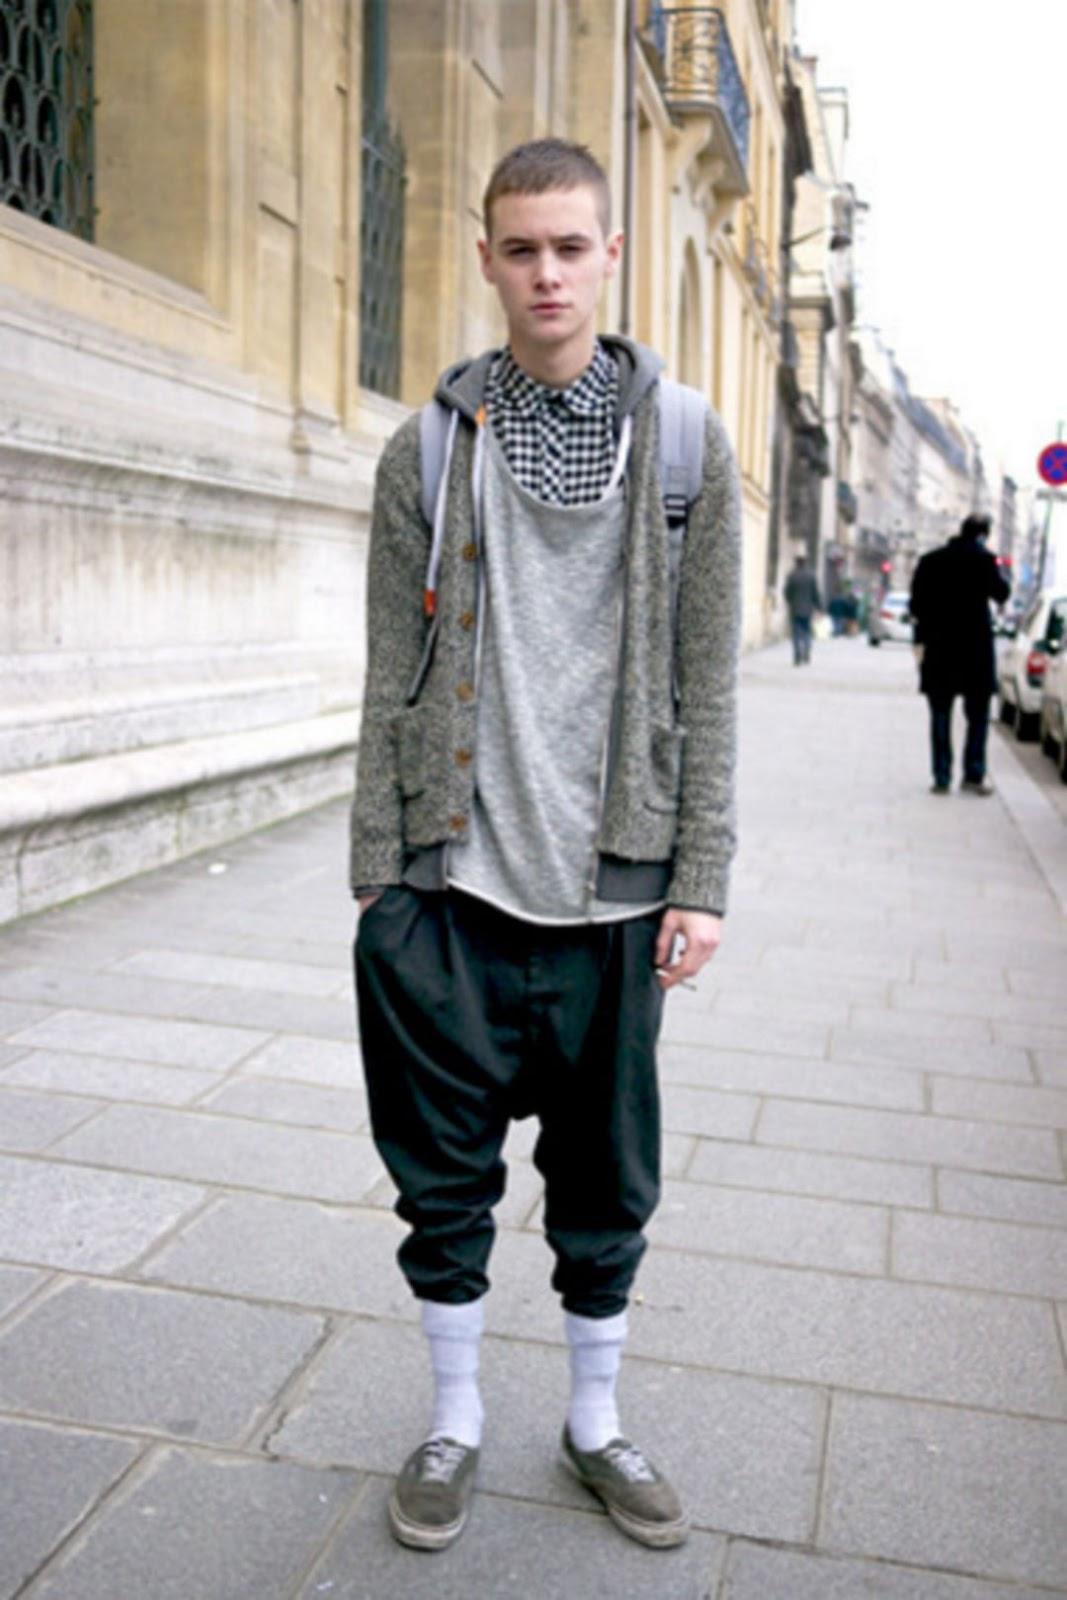 Gaya Paris Street Style Yang Fantastis Untuk Pria Agar Bisa Terlihat Lebih Tampan Maeghansworld